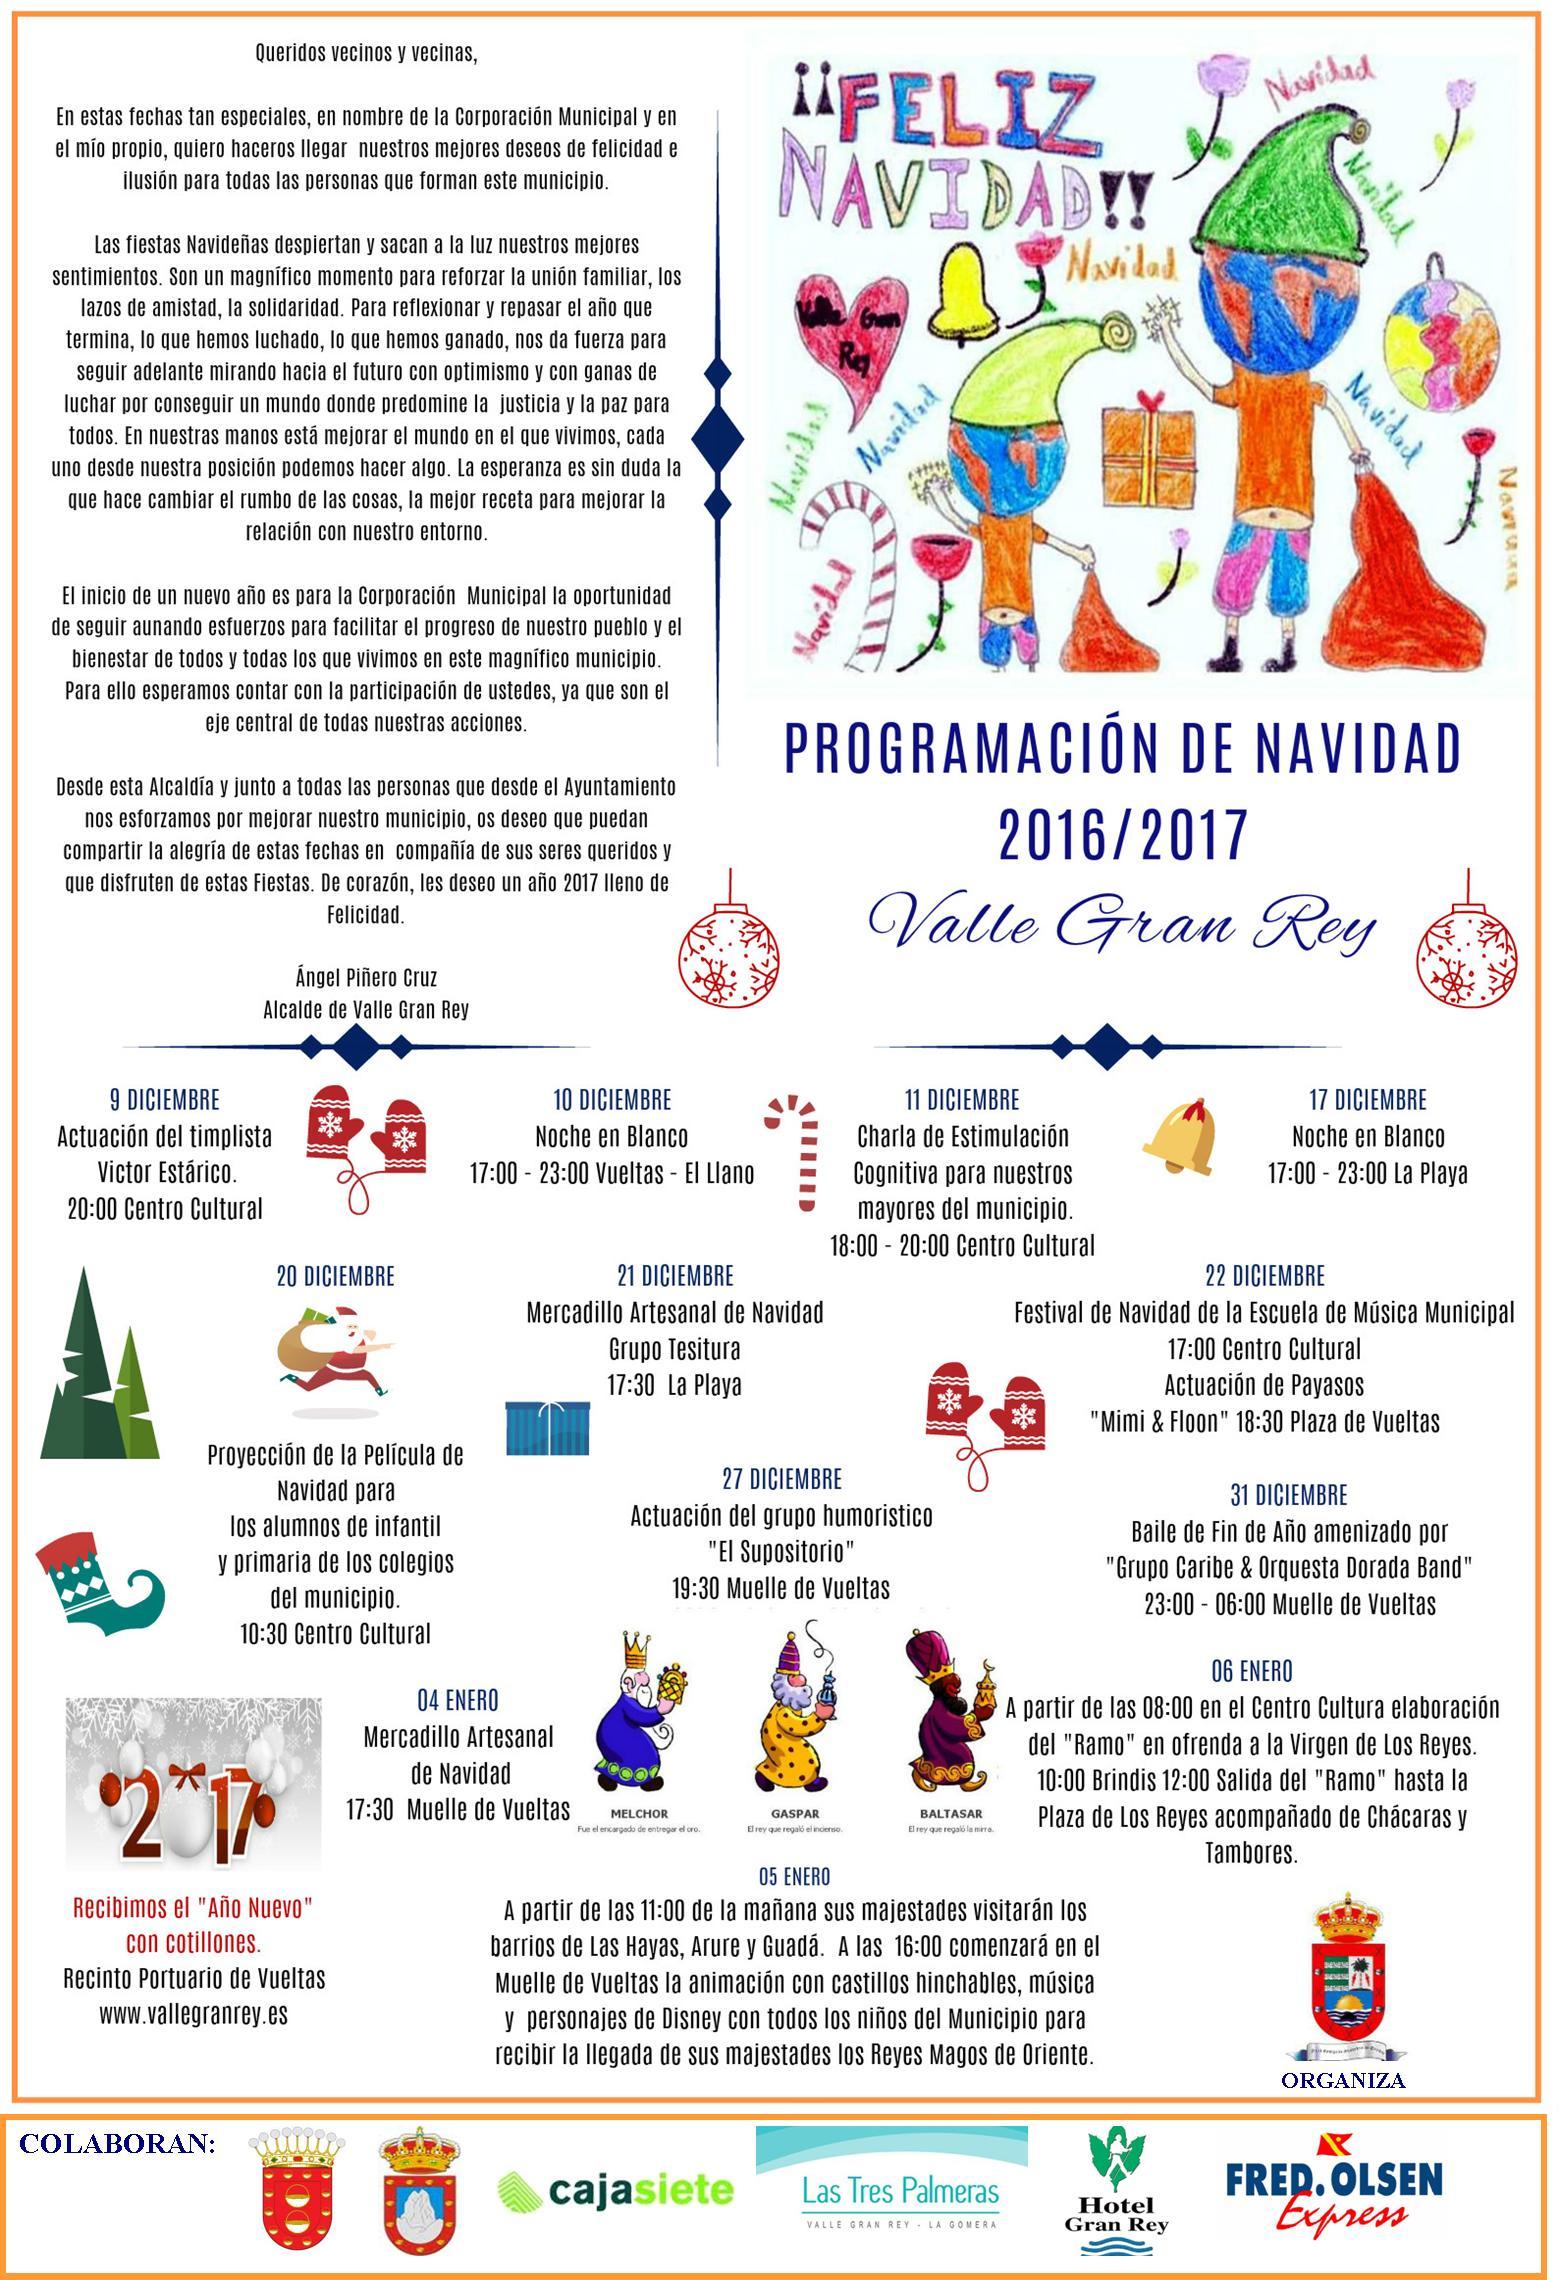 Programa de Actos de Navidad